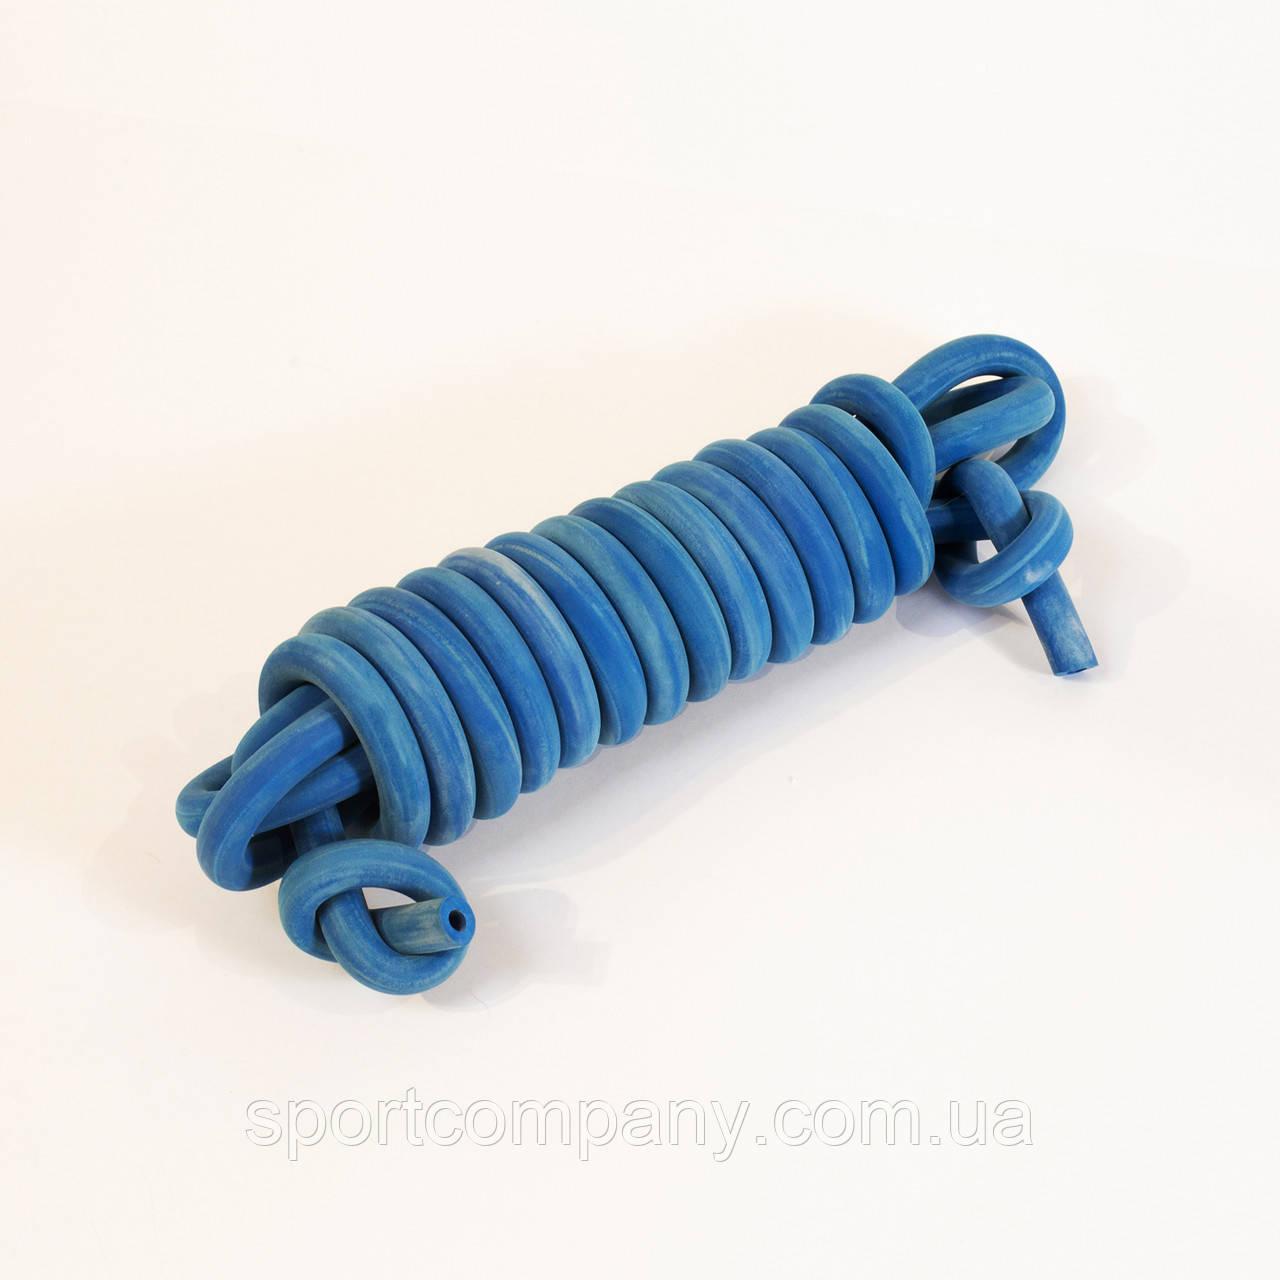 Жгут резиновый трубчатый спортивный ( резина, d-16 мм, I-200 см, синий ) tr.blue16